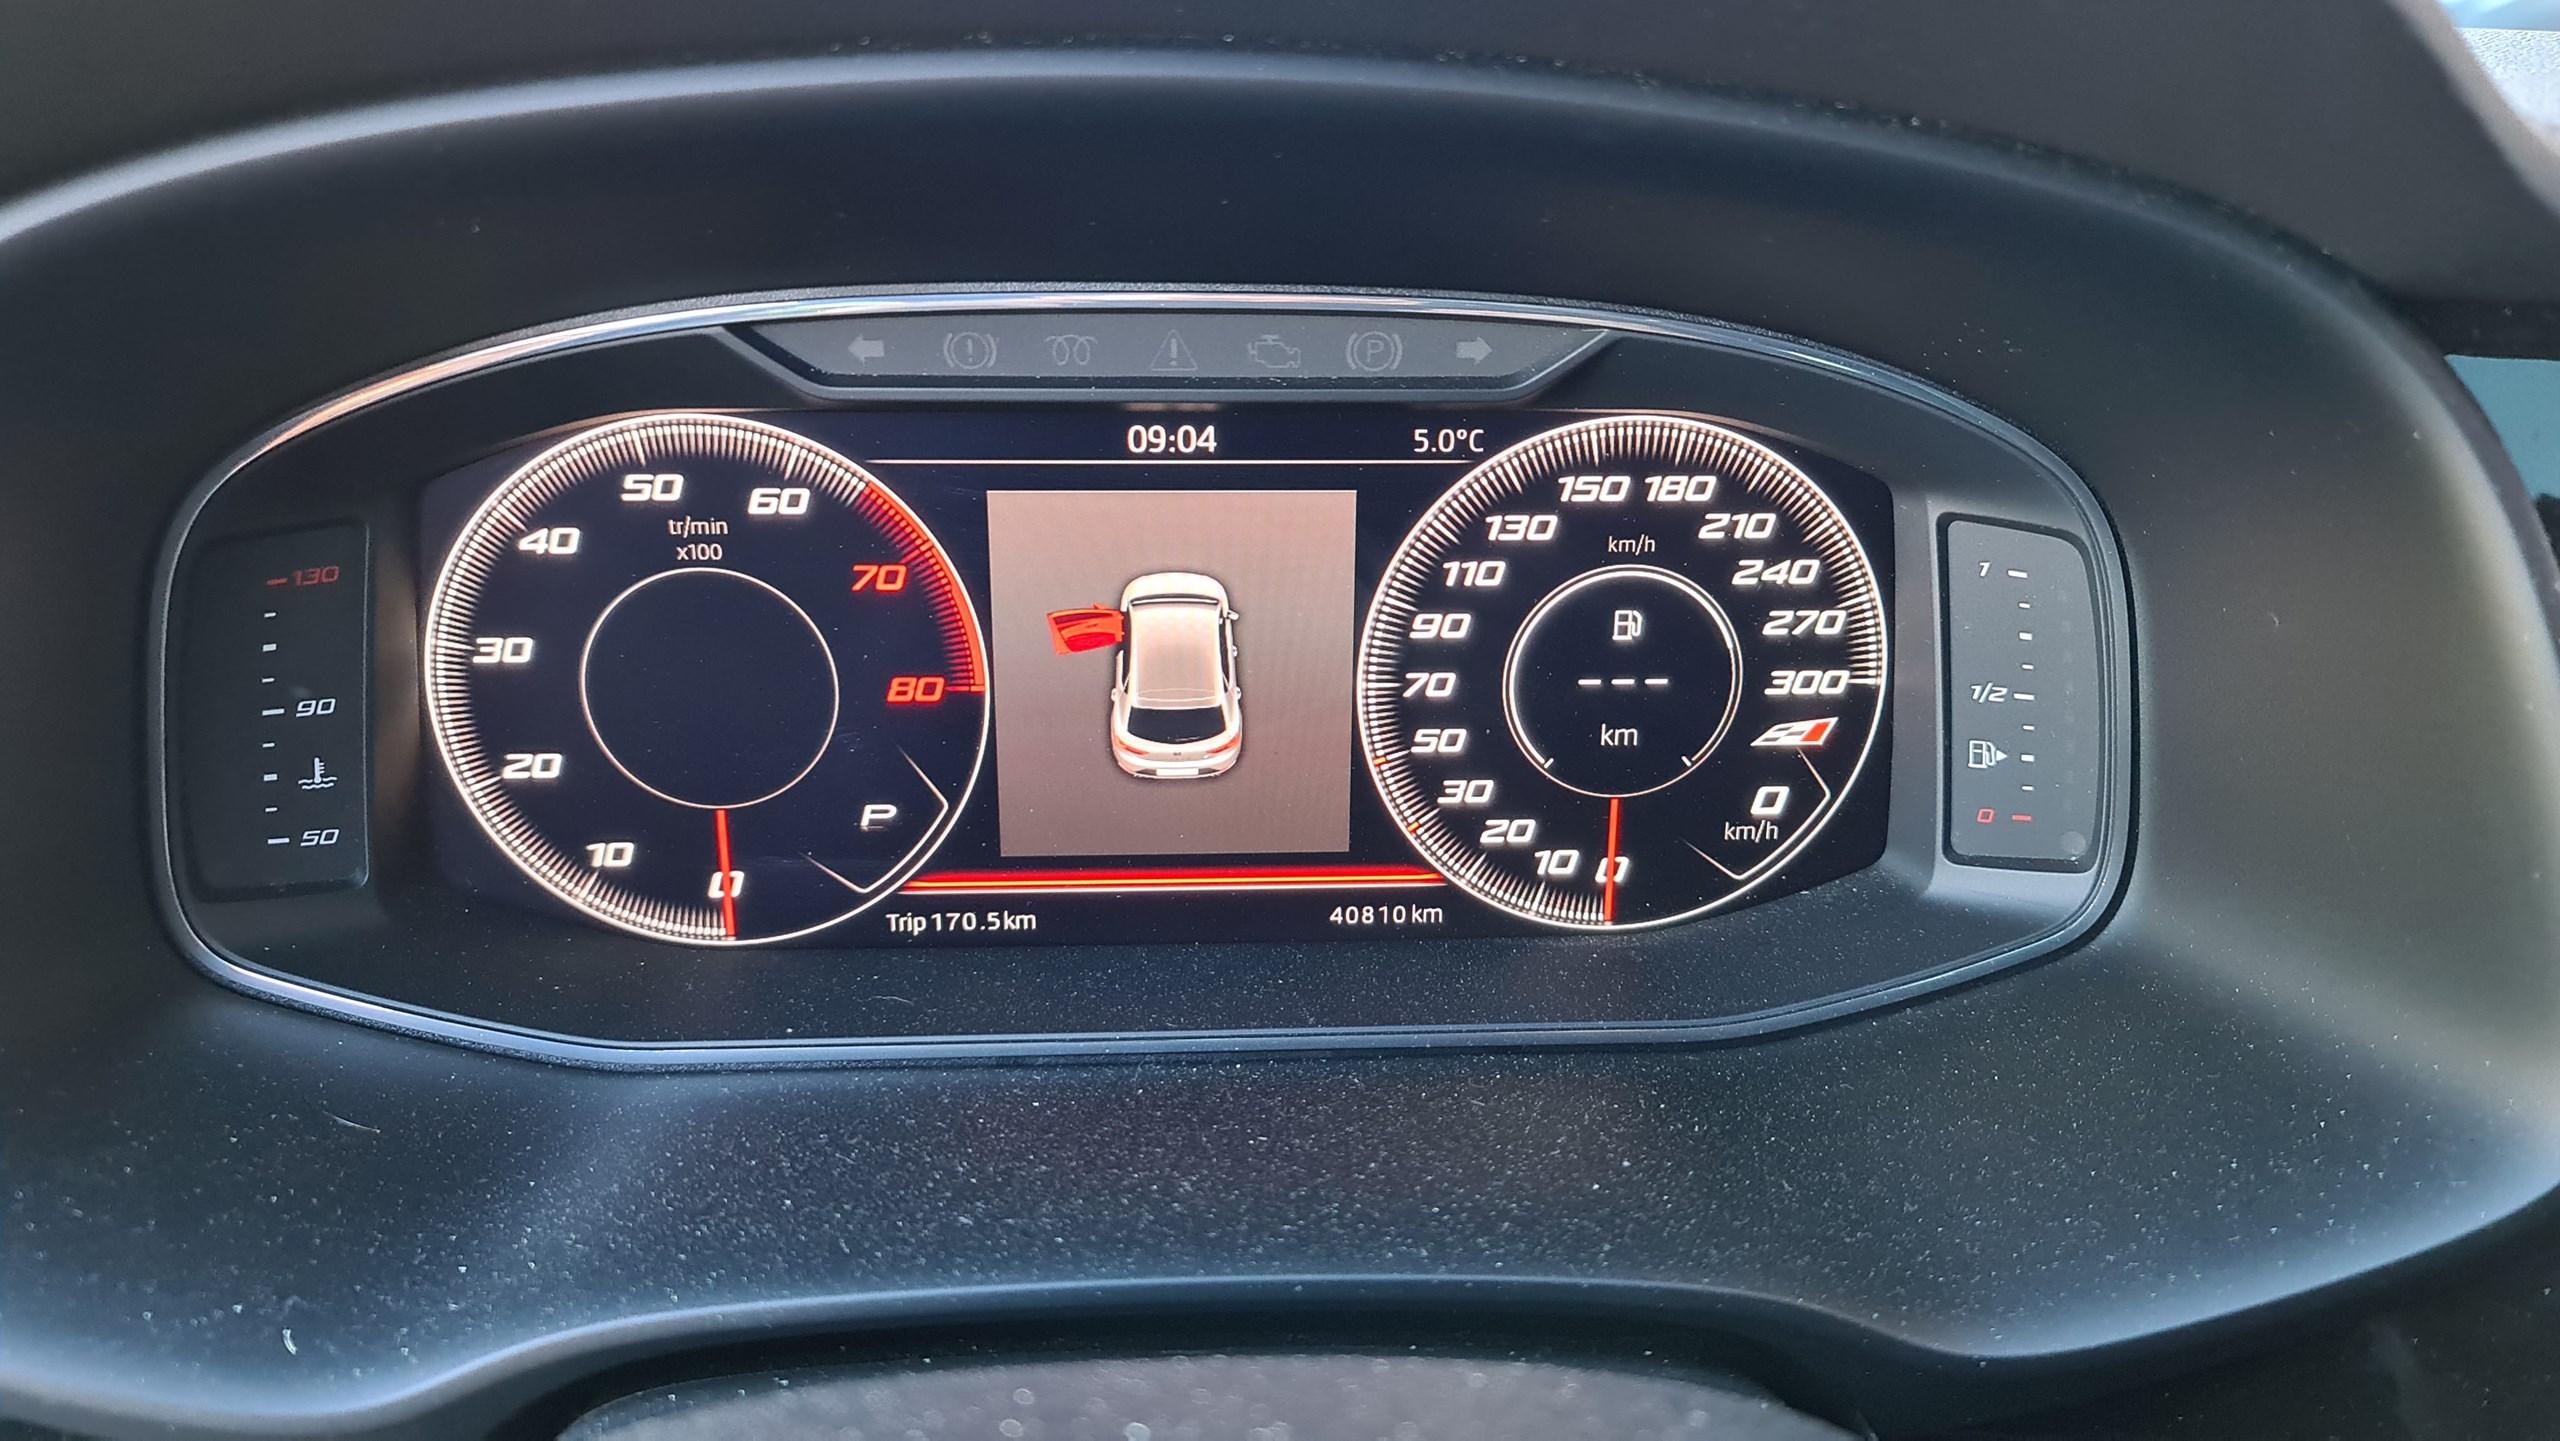 SEAT Leon 2.0 TSI 300 Cupra DSG